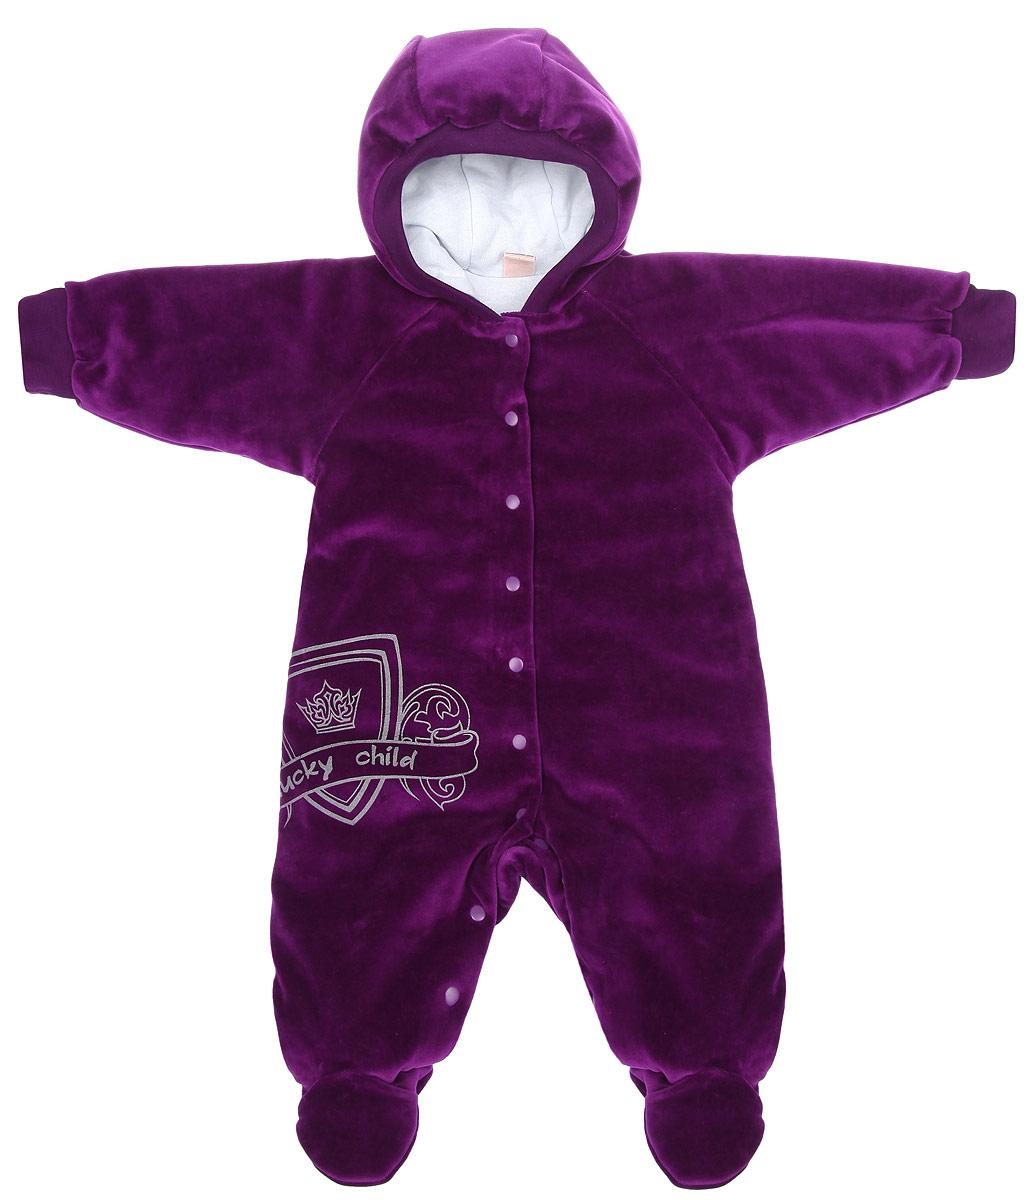 Комбинезон детский Lucky Child, цвет: фиолетовый, белый. 5-1. Размер 56/625-1Детский комбинезон Lucky Child - очень удобный и практичный вид одежды для малышей. Комбинезон выполнен из велюра на подкладке из натурального хлопка, благодаря чему он необычайно мягкий и приятный на ощупь, не раздражают нежную кожу ребенка и хорошо вентилируются, а эластичные швы приятны телу младенца и не препятствуют его движениям. В качестве утеплителя используется синтепон. Комбинезон с капюшоном, длинными рукавами-реглан и закрытыми ножками по центру застегивается на металлические застежки-кнопки, также имеются застежки-кнопки на ластовице, что помогает с легкостью переодеть младенца или сменить подгузник. Капюшон по краю дополнен широкой трикотажной резинкой. Рукава понизу дополнены широкими эластичными манжетами, которые мягко обхватывают запястья. Спереди изделие оформлено оригинальным принтом в виде логотипа бренда. С детским комбинезоном Lucky Child спинка и ножки вашего малыша всегда будут в тепле. Комбинезон полностью соответствует особенностям жизни младенца в ранний период, не стесняя и не ограничивая его в движениях!